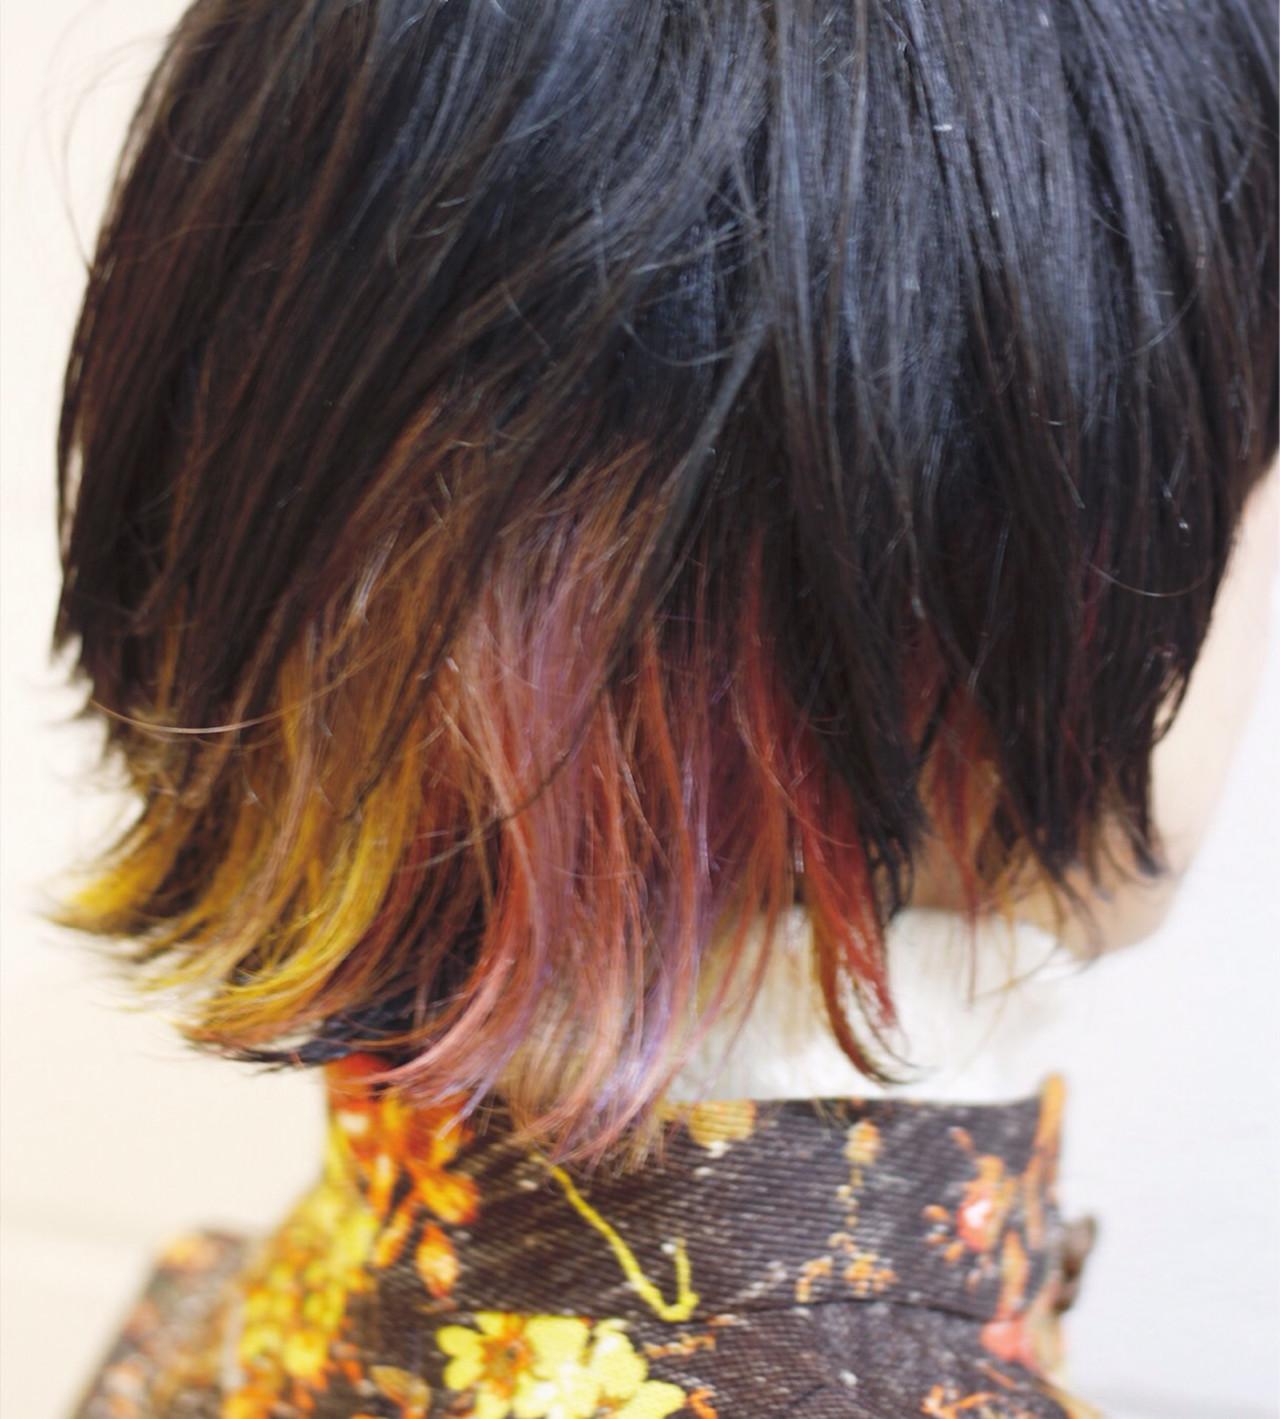 ミディアム ウルフカット カラフルカラー ストリート ヘアスタイルや髪型の写真・画像 | Hatori Masaki / rela hair salon